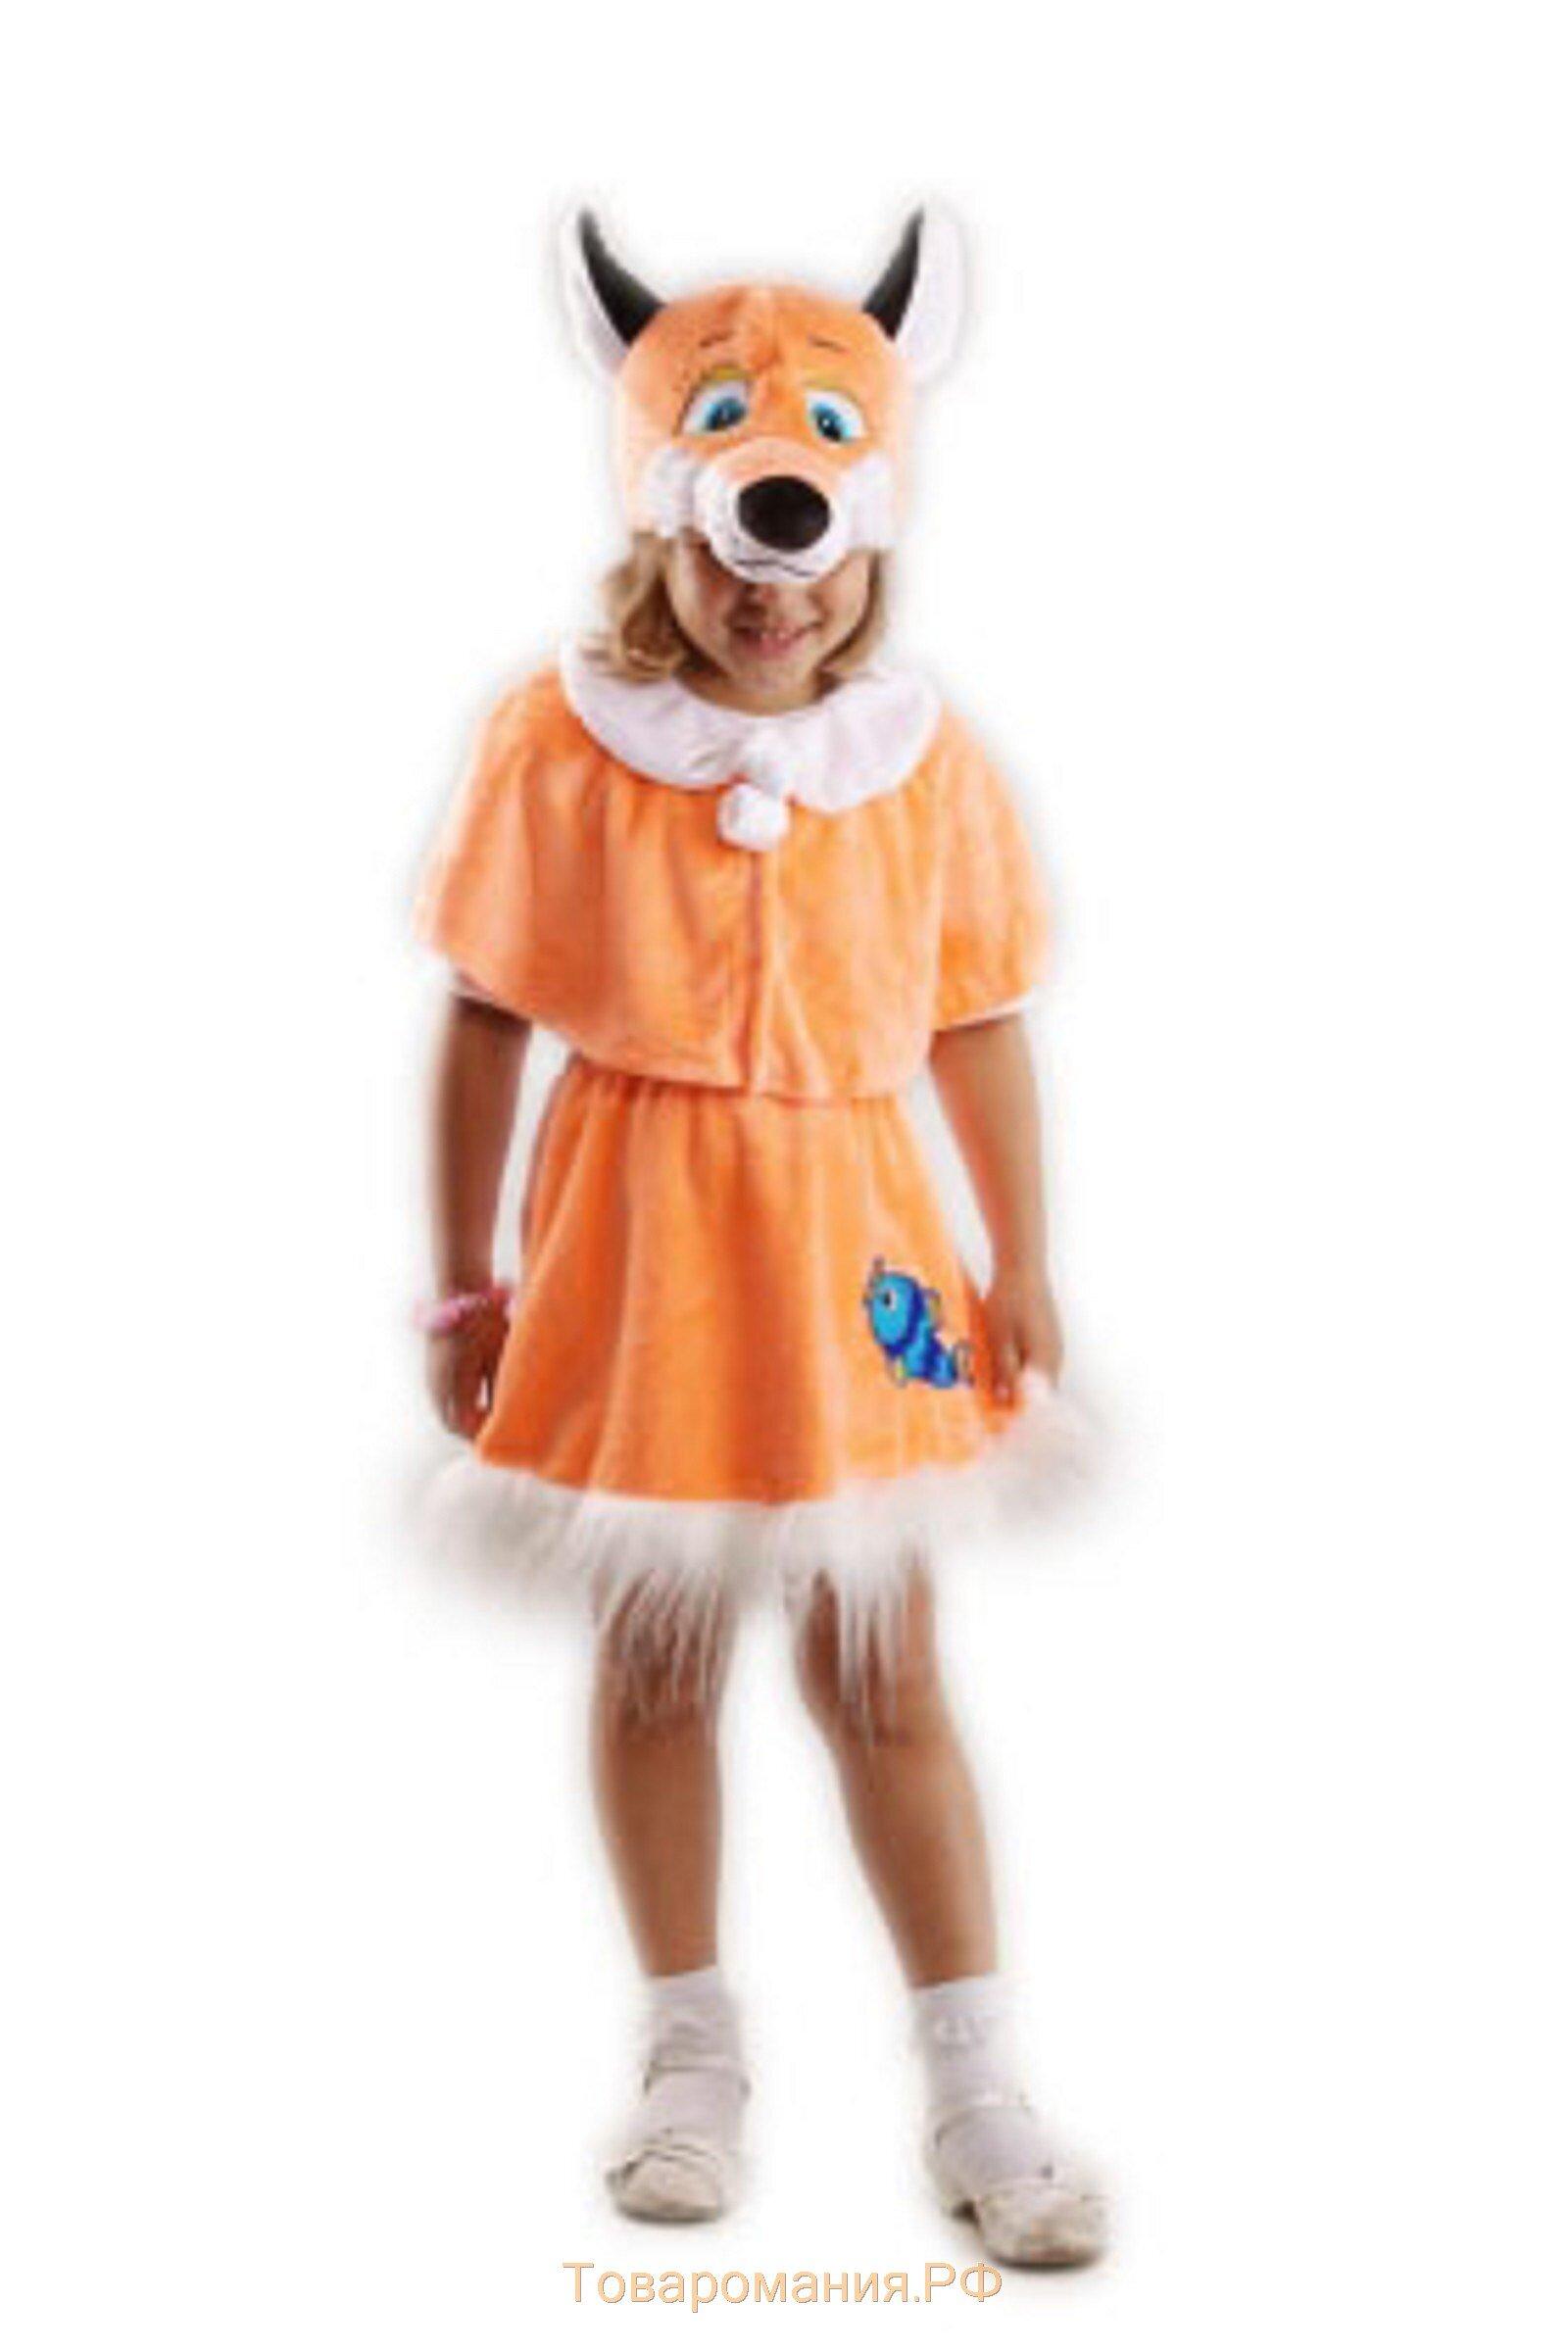 Костюм лисы своими руками Как сделать костюм лисы для мальчика? 18